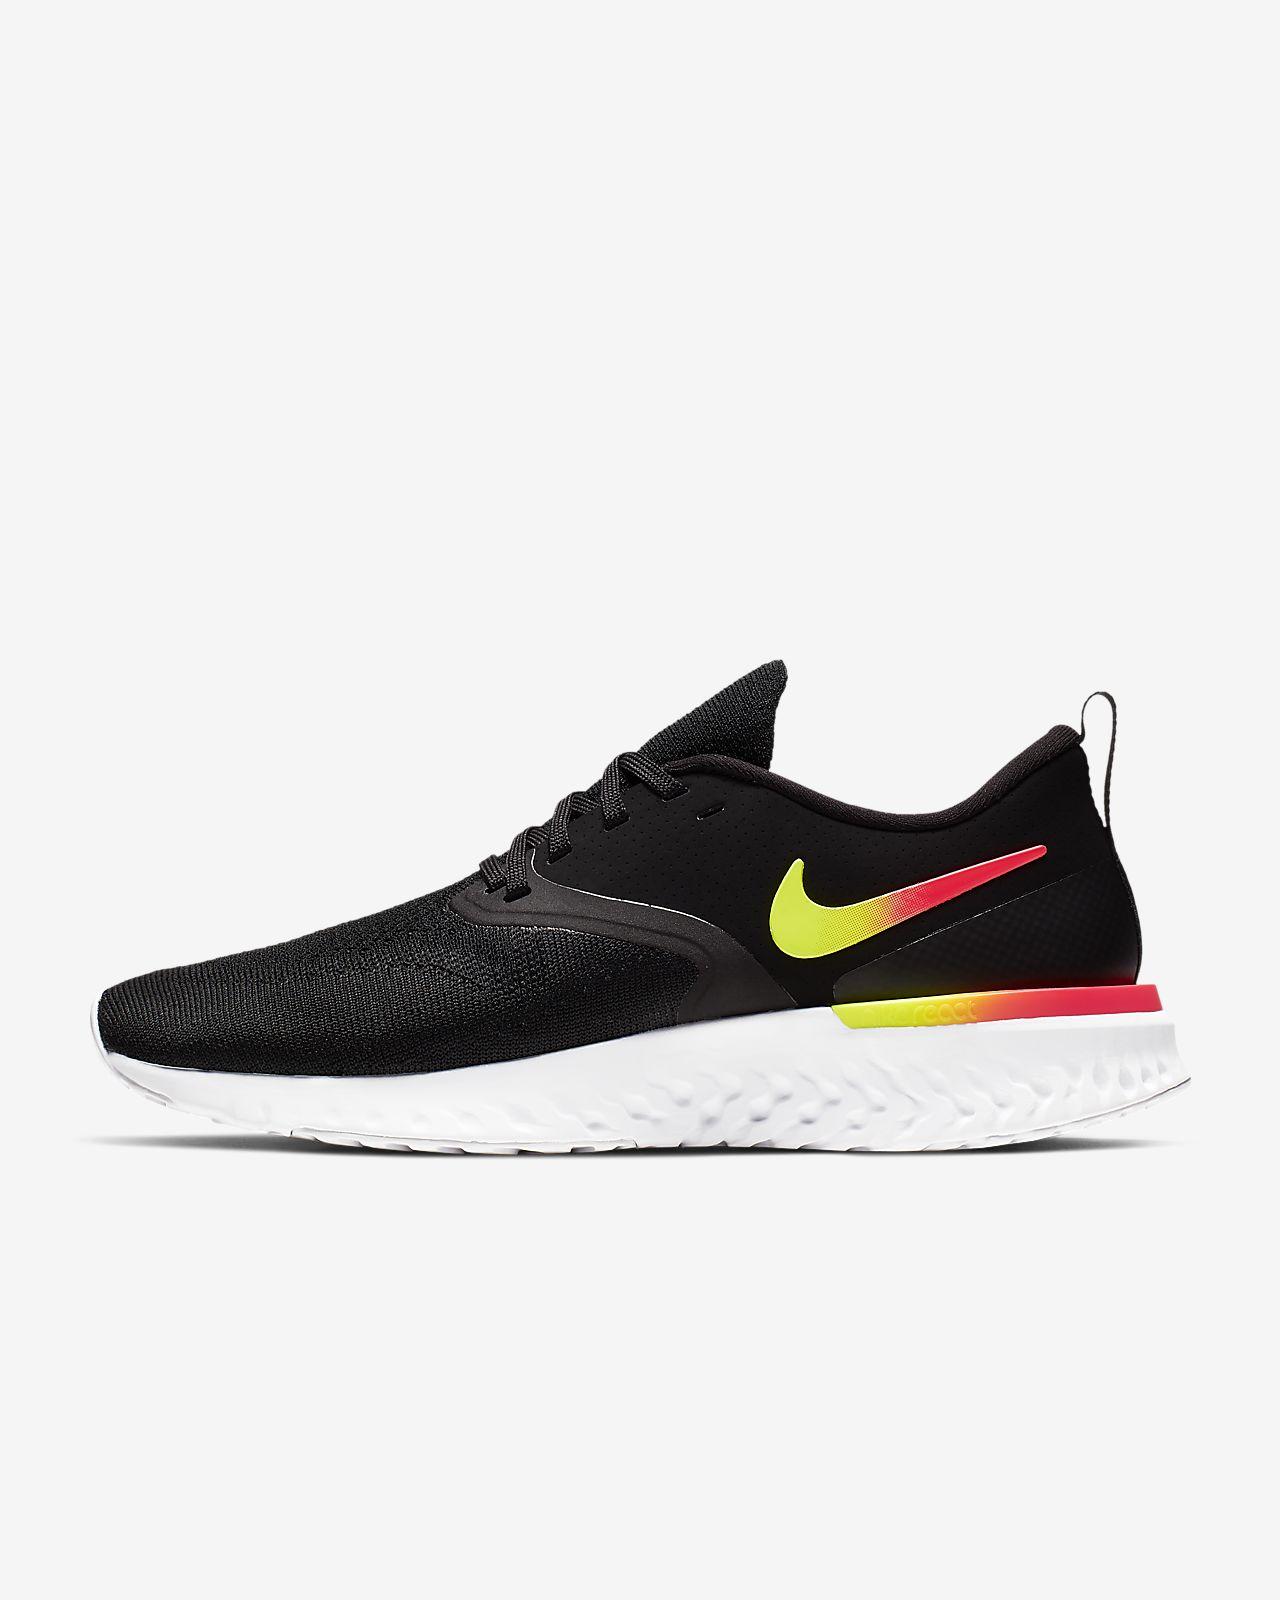 2953bf85b2cbc Nike Odyssey React Flyknit 2 Women s Running Shoe. Nike.com GB